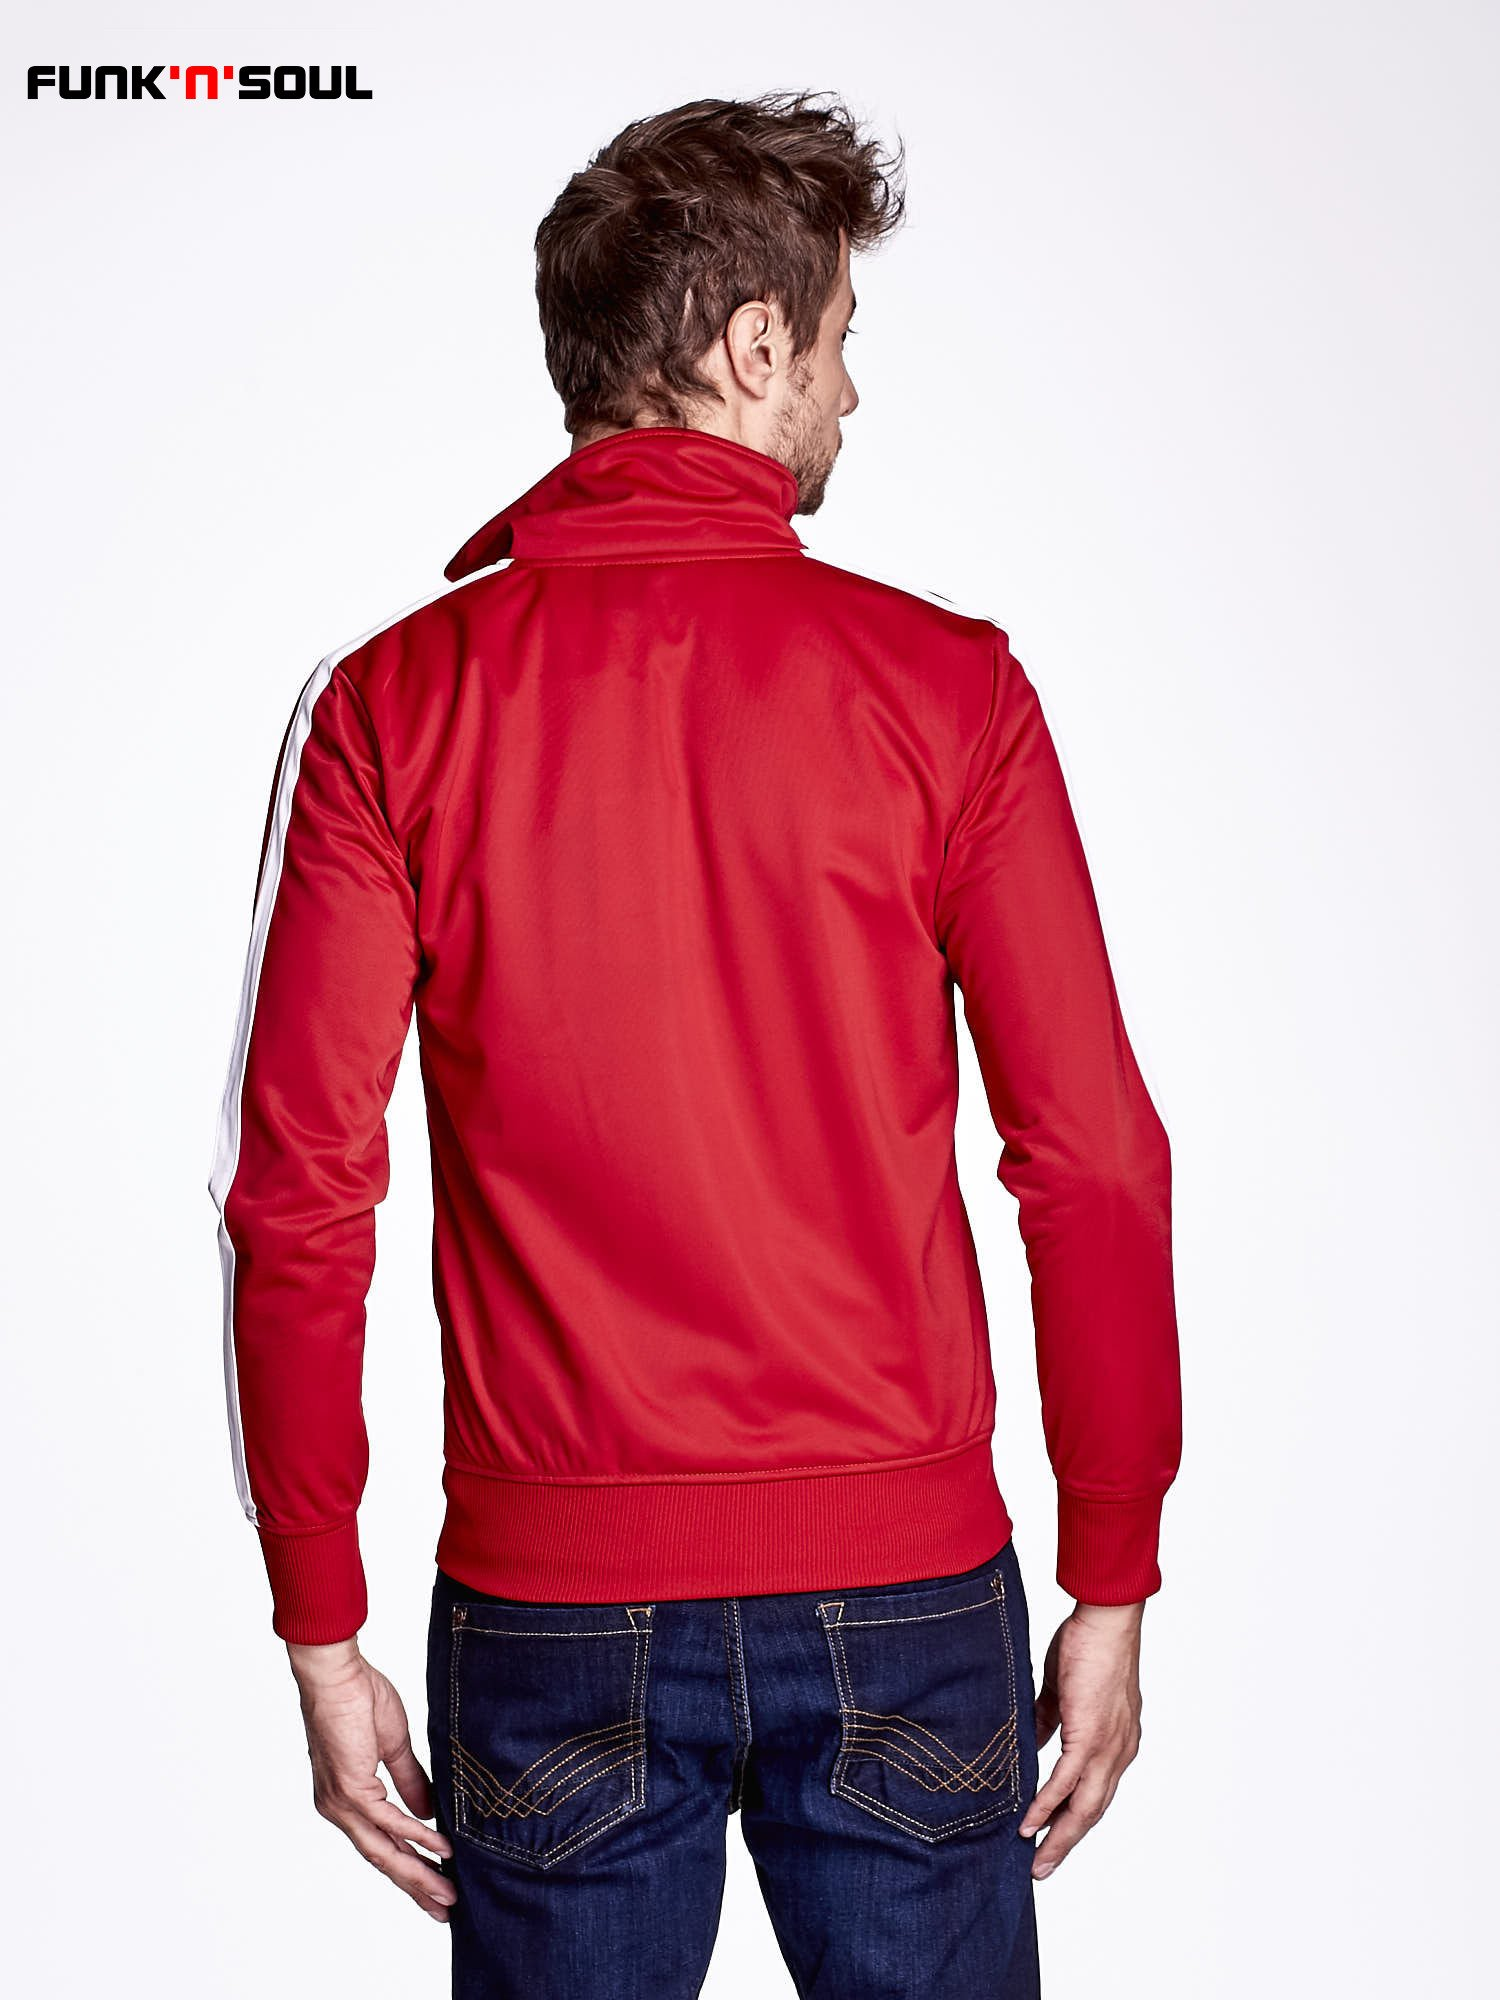 Czerwona bluza męska ze stójką FUNK N SOUL                                  zdj.                                  4